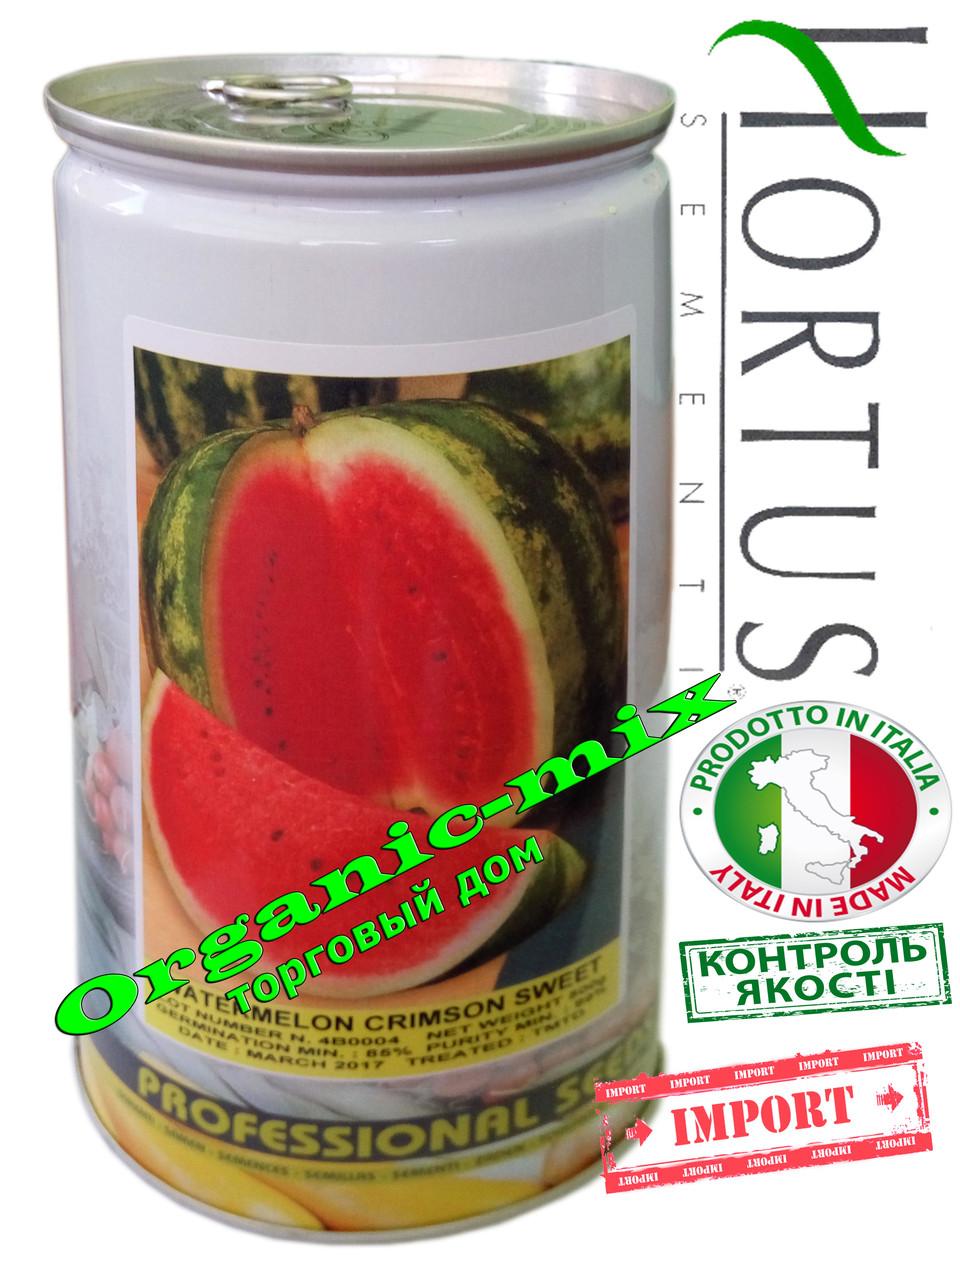 Семена, арбуз Кримсон Свит, HORTUS (Италия), мешок 5 кг (фасовка Италия)